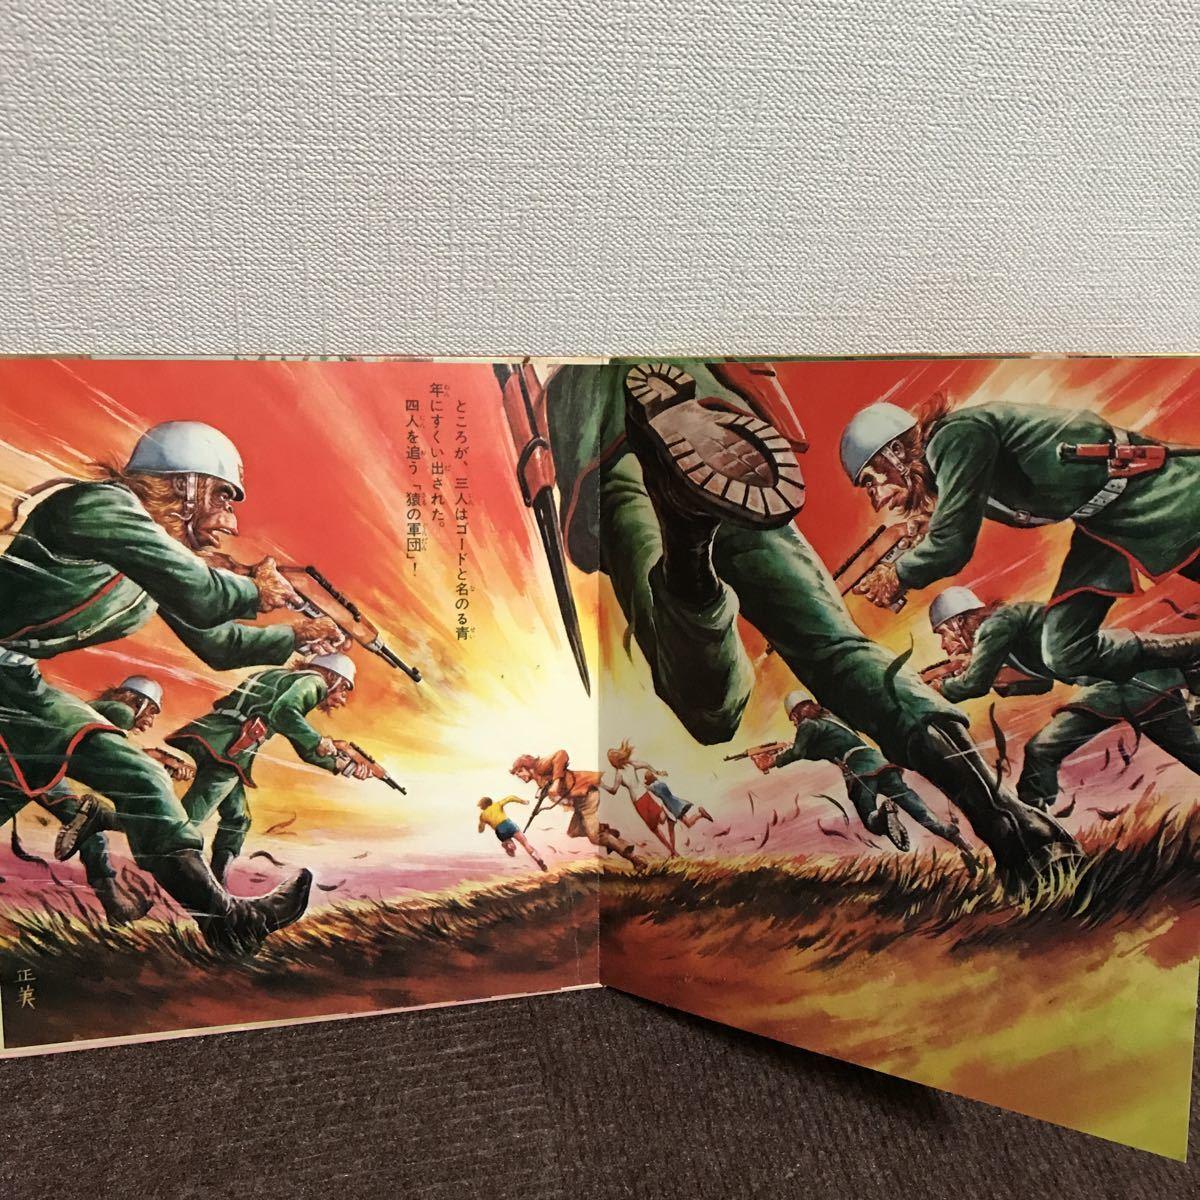 中古 猿の軍団 レコード ソノラマエース パピイシリーズ 朝日ソノラマ_画像4